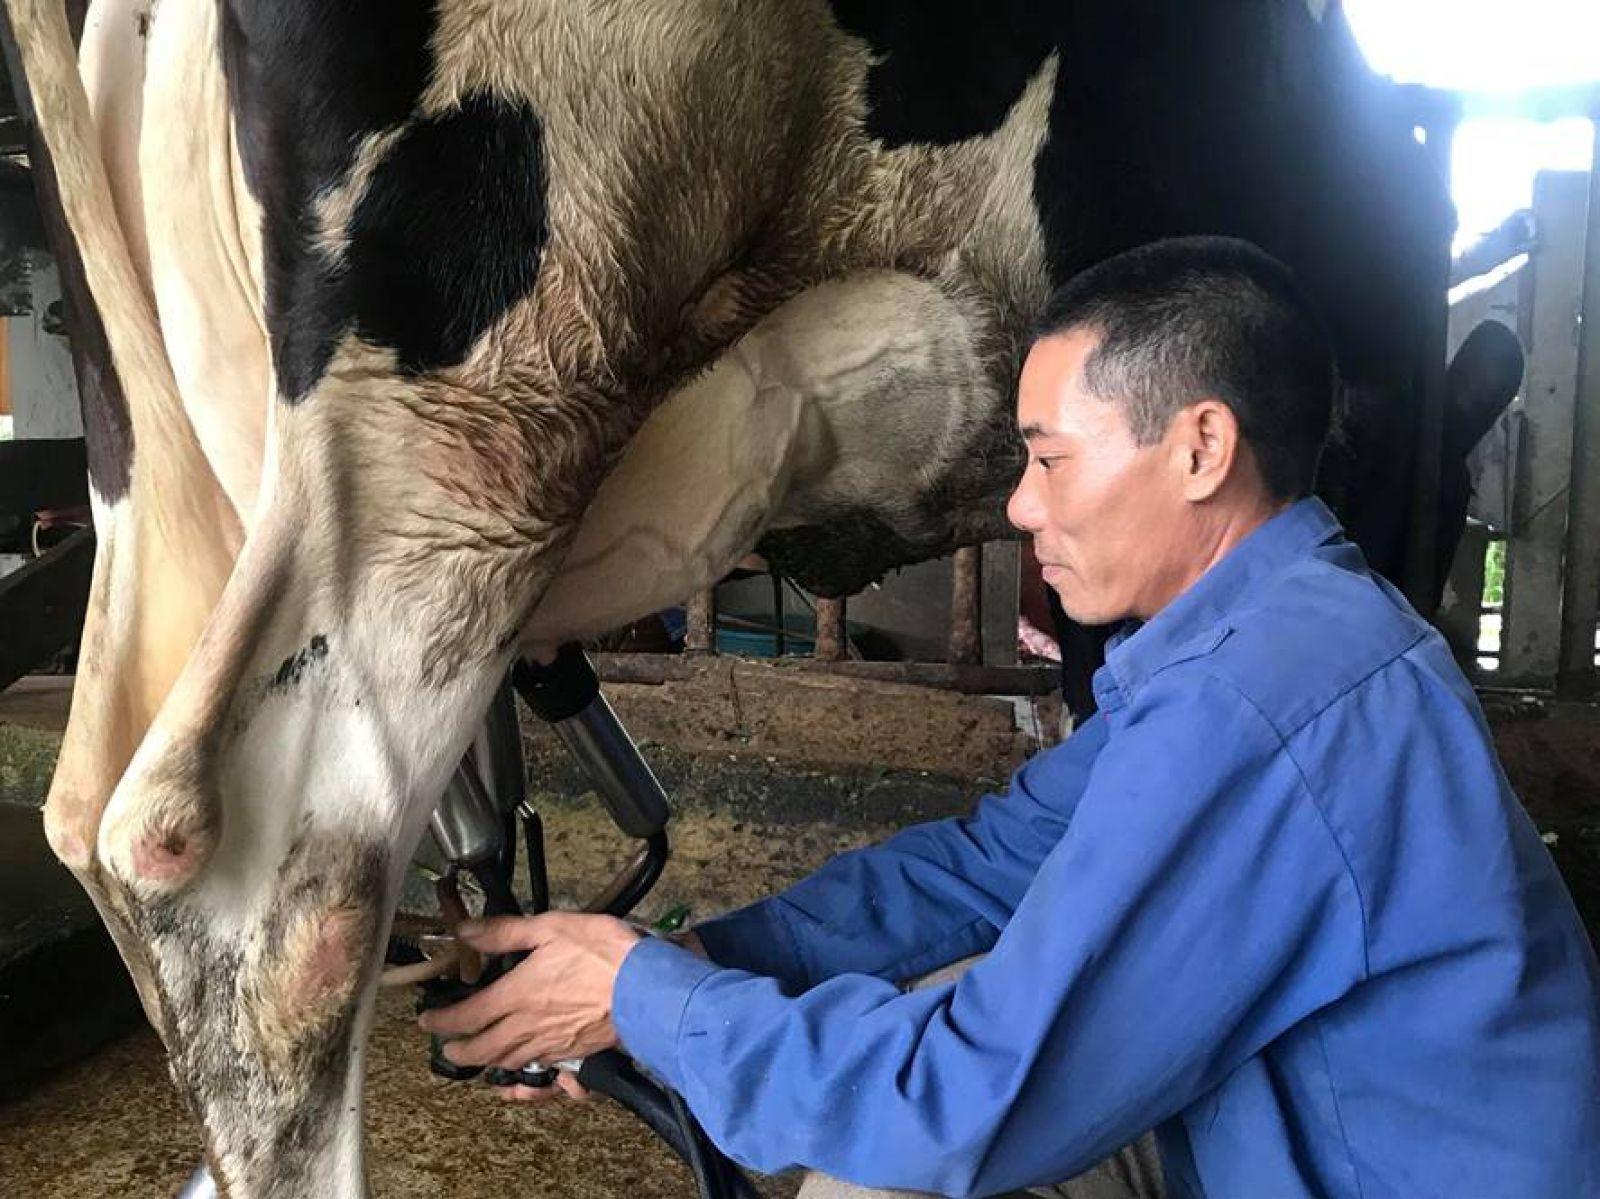 Để có thêm dinh dưỡng cho bò sữa anh Lê Minh Nghĩa còn trộn ngô, đầu cá khô vào cỏ để cho đàn bò ăn. Ảnh: CT